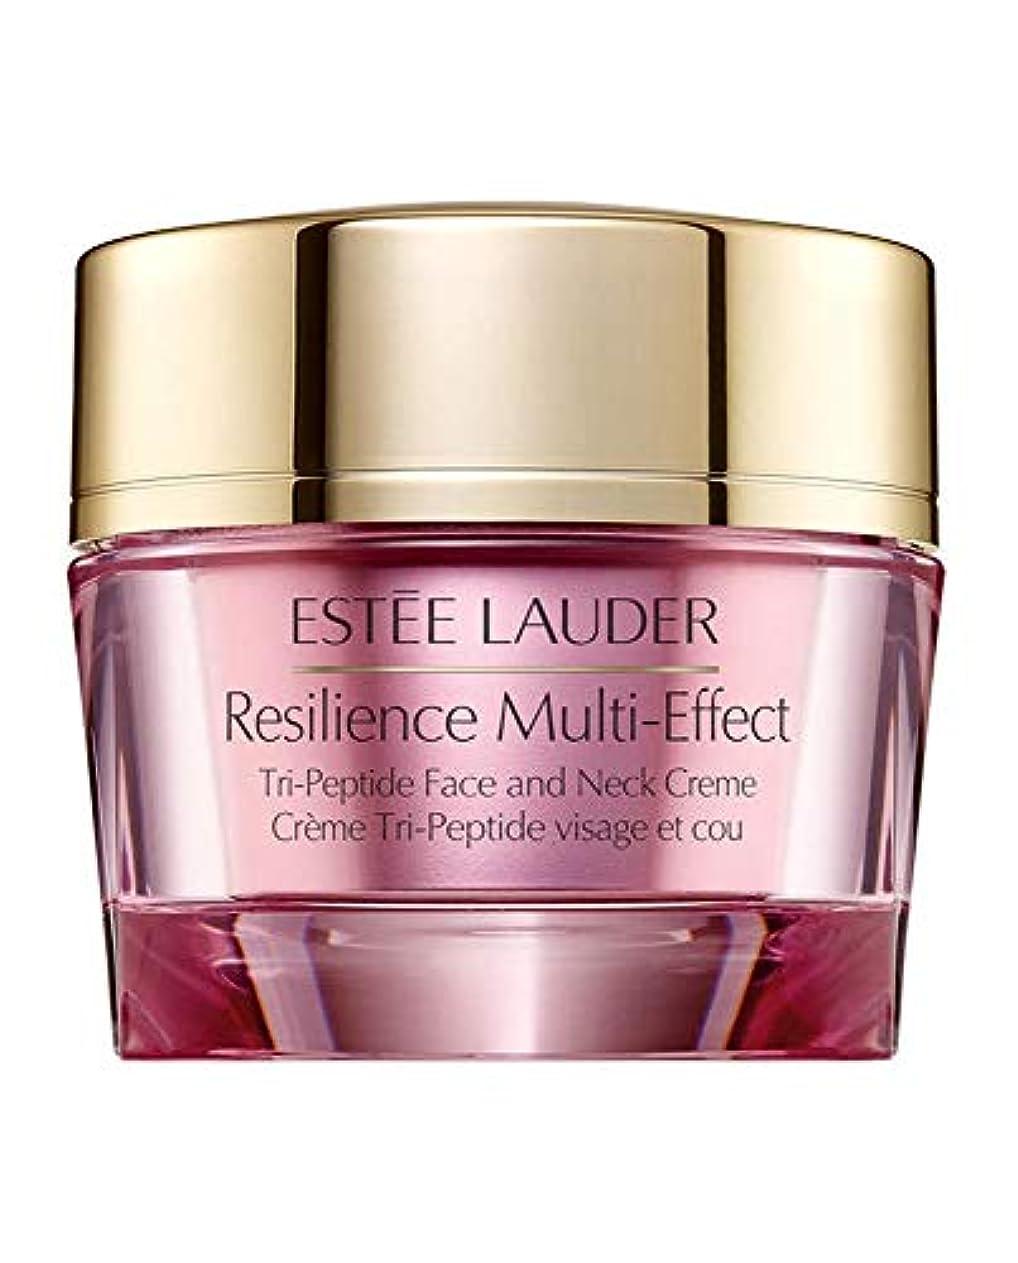 タイプ壊滅的な軽減するエスティローダー Resilience Multi-Effect Tri-Peptide Face and Neck Creme SPF 15 - For Normal/Combination Skin 50ml/1.7oz並行輸入品